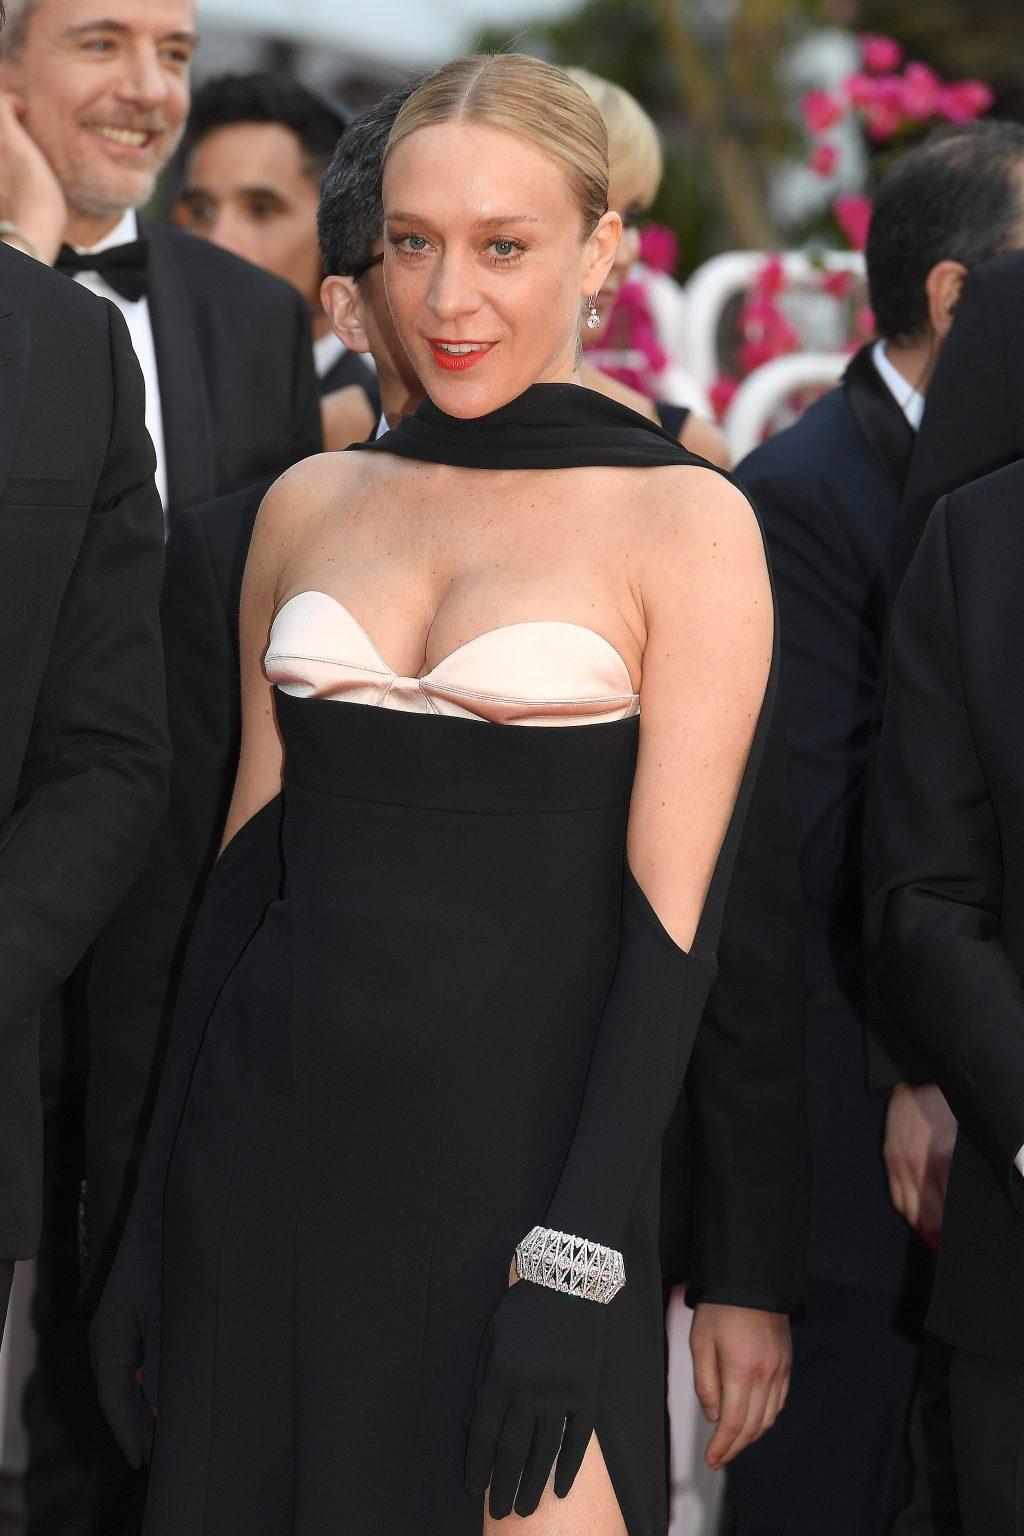 chloe sevigny diện đầm đen của Mugler và trang sức chopard trên thảm đỏ cannes 2019